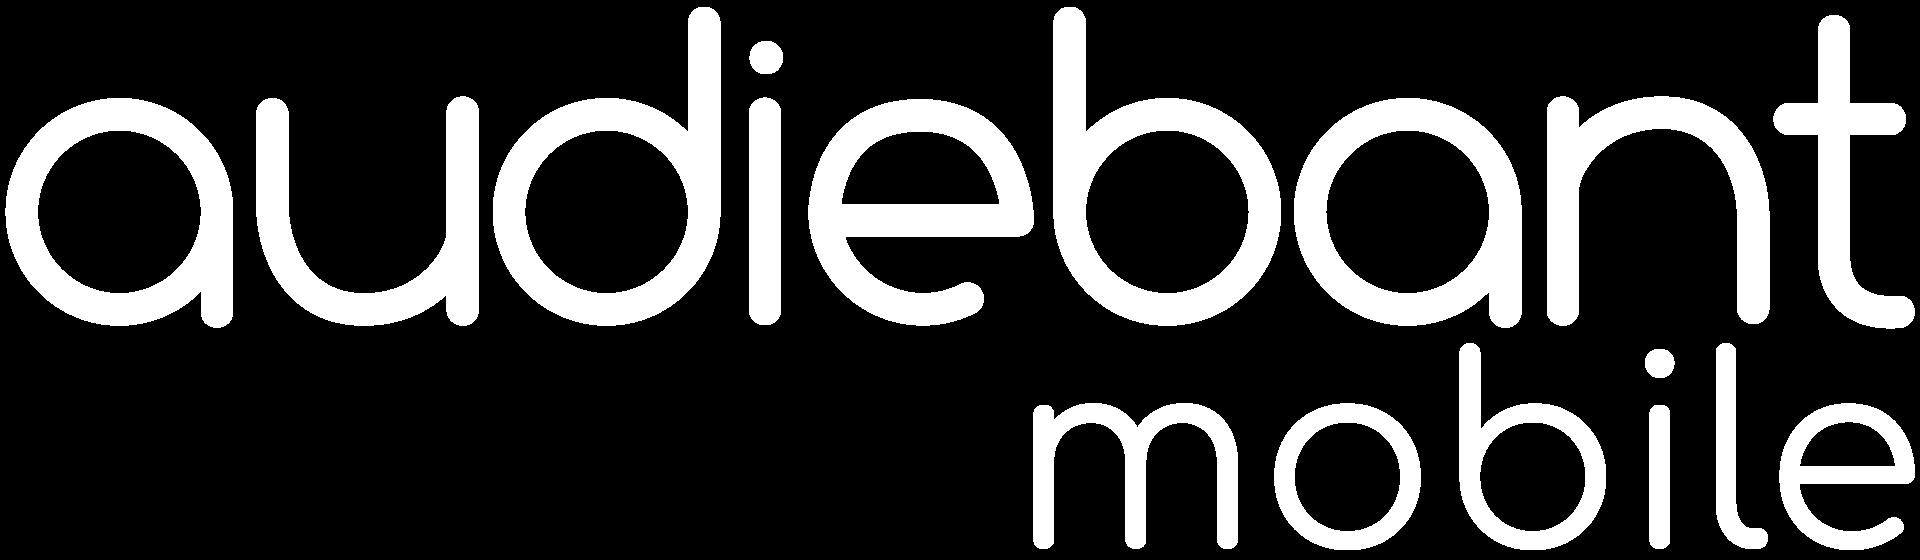 AudiebantMobile-web-white